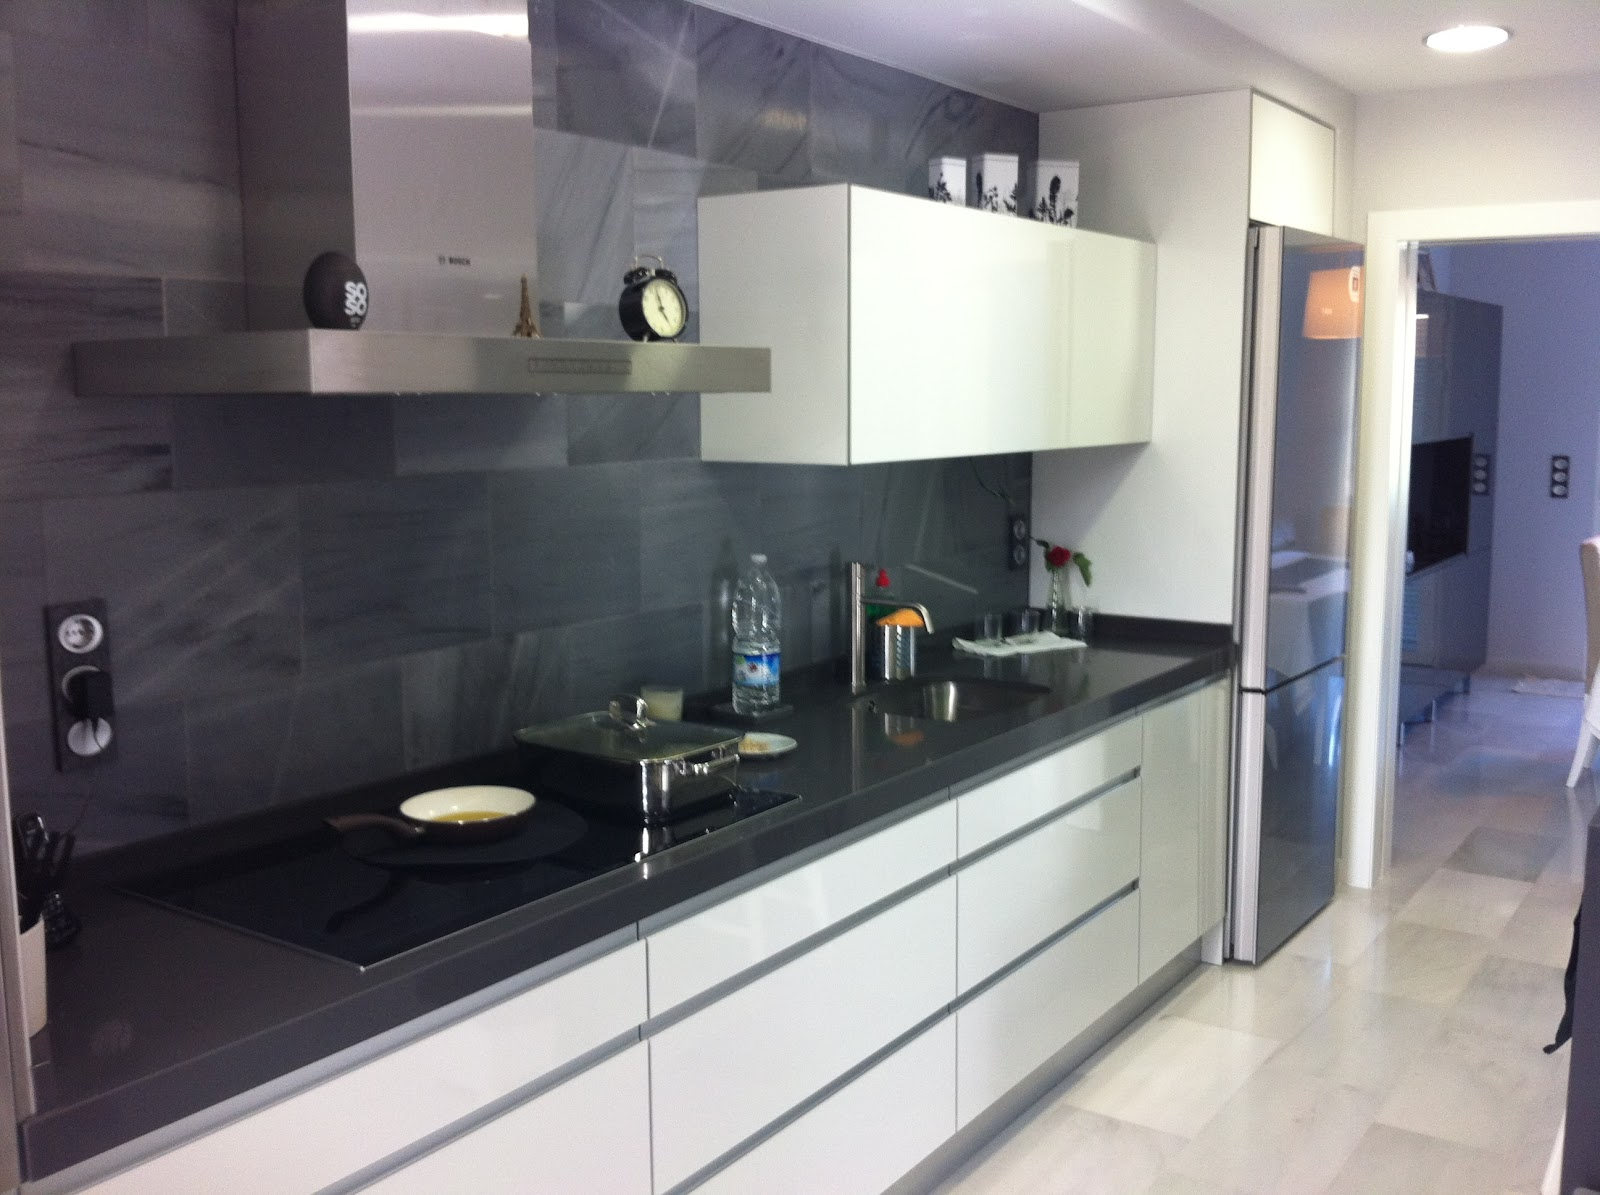 Formas almacen de cocinas cocina con o sin tiradores - Tiradores cocina modernos ...